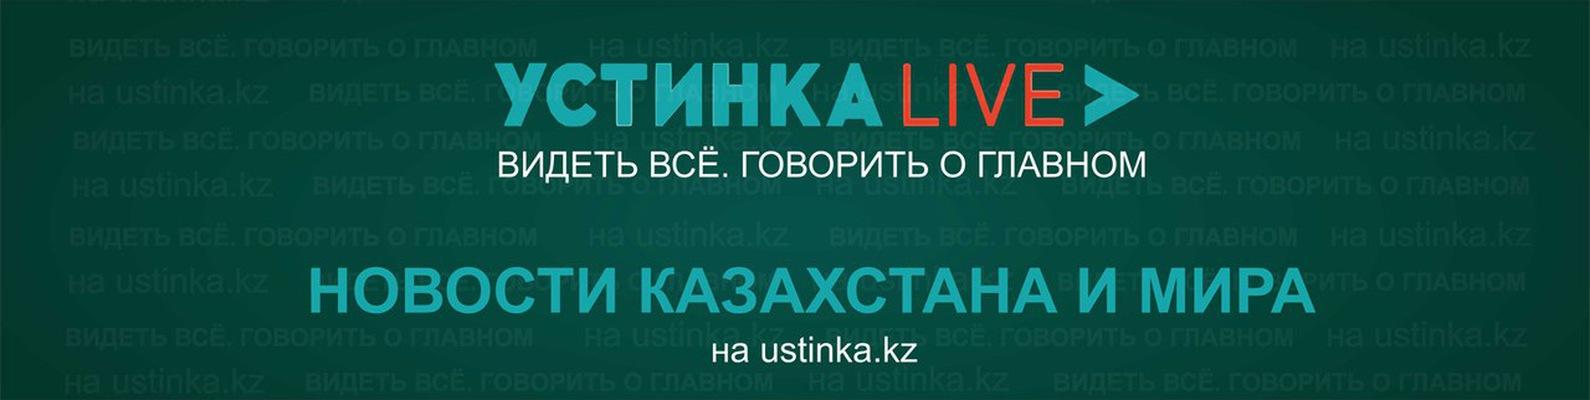 Výsledek obrázku pro Устинка Live